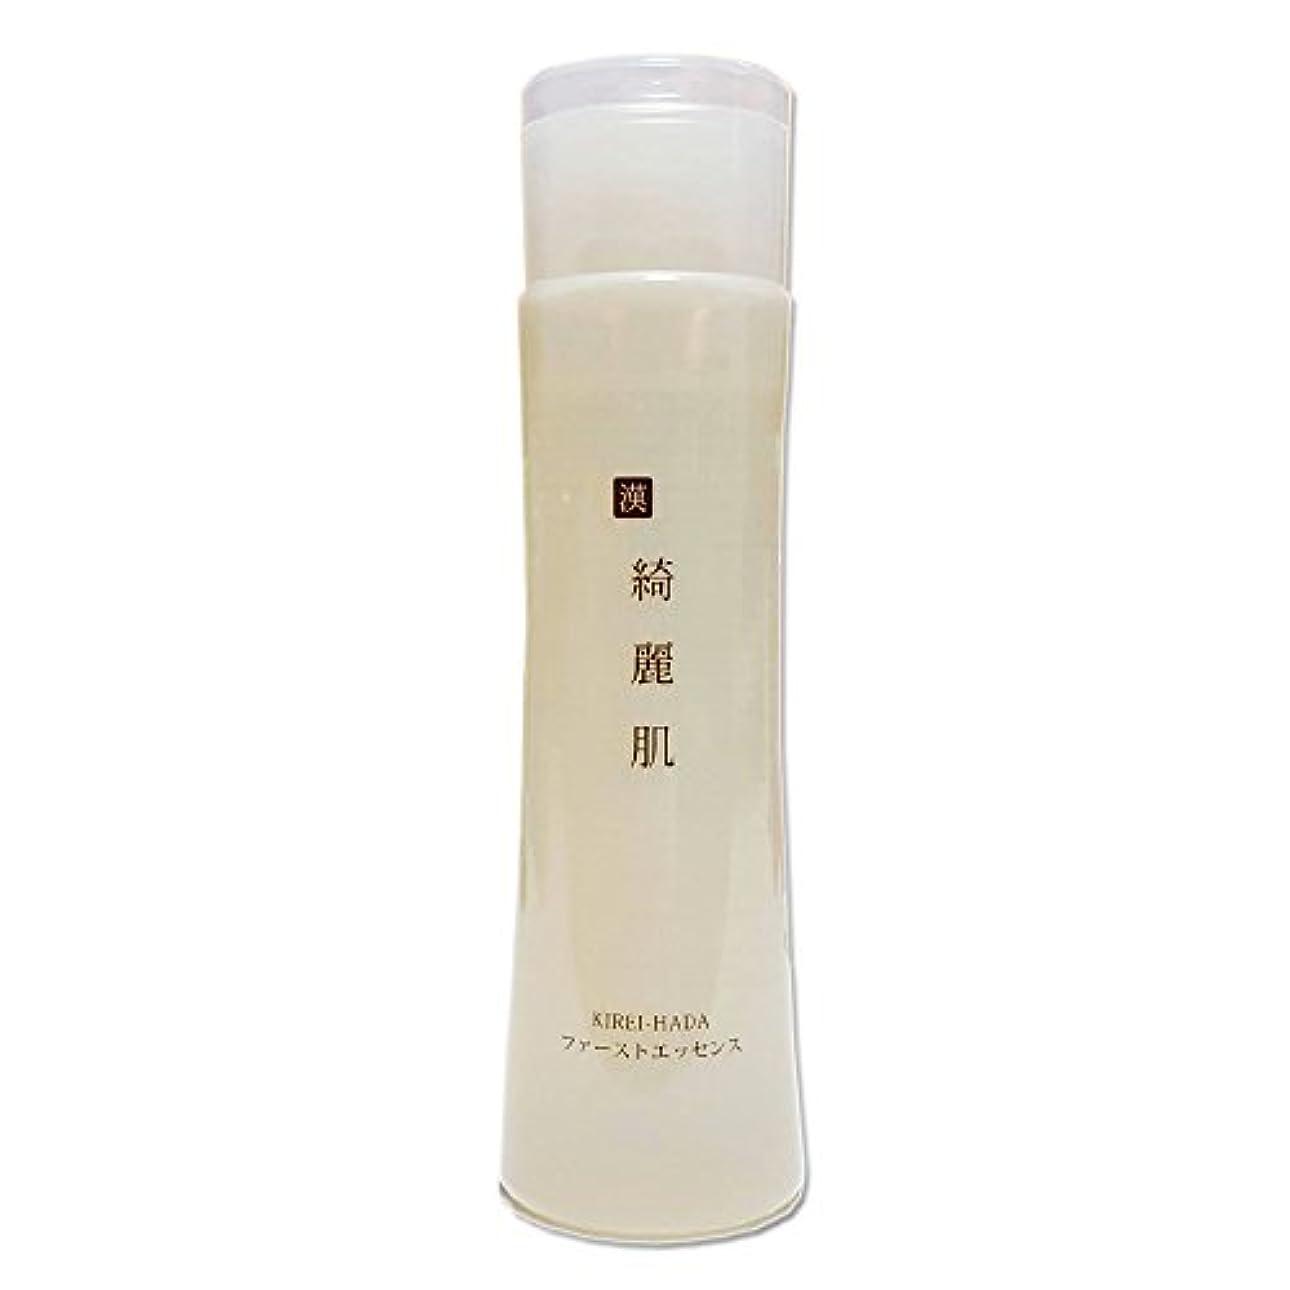 インチ旧正月ペルセウスファーストエッセンス 美容液化粧水 200ml